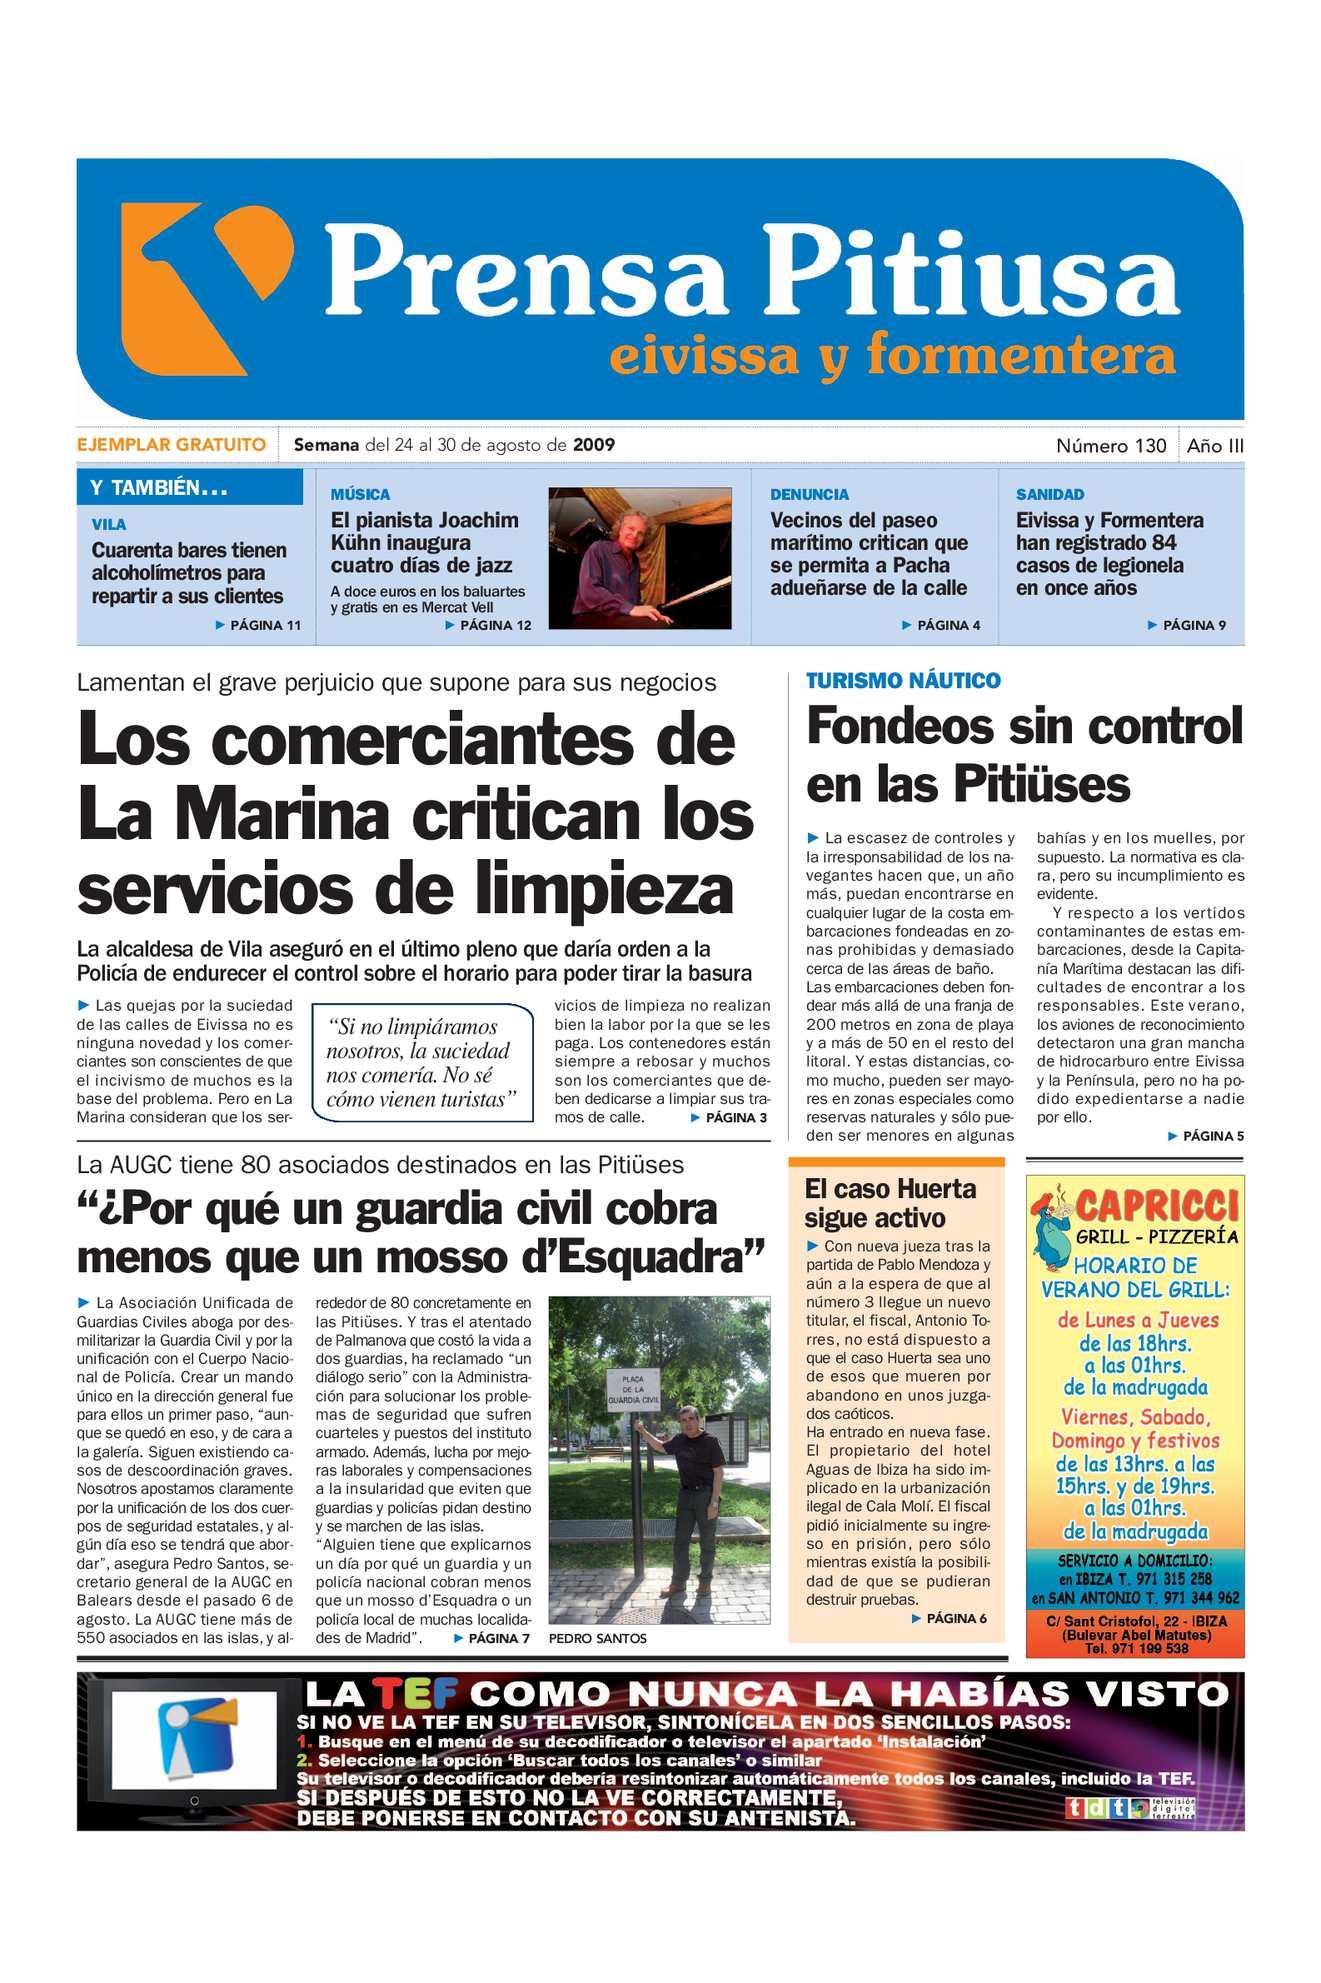 Calaméo - Prensa Pitiusa edición 130